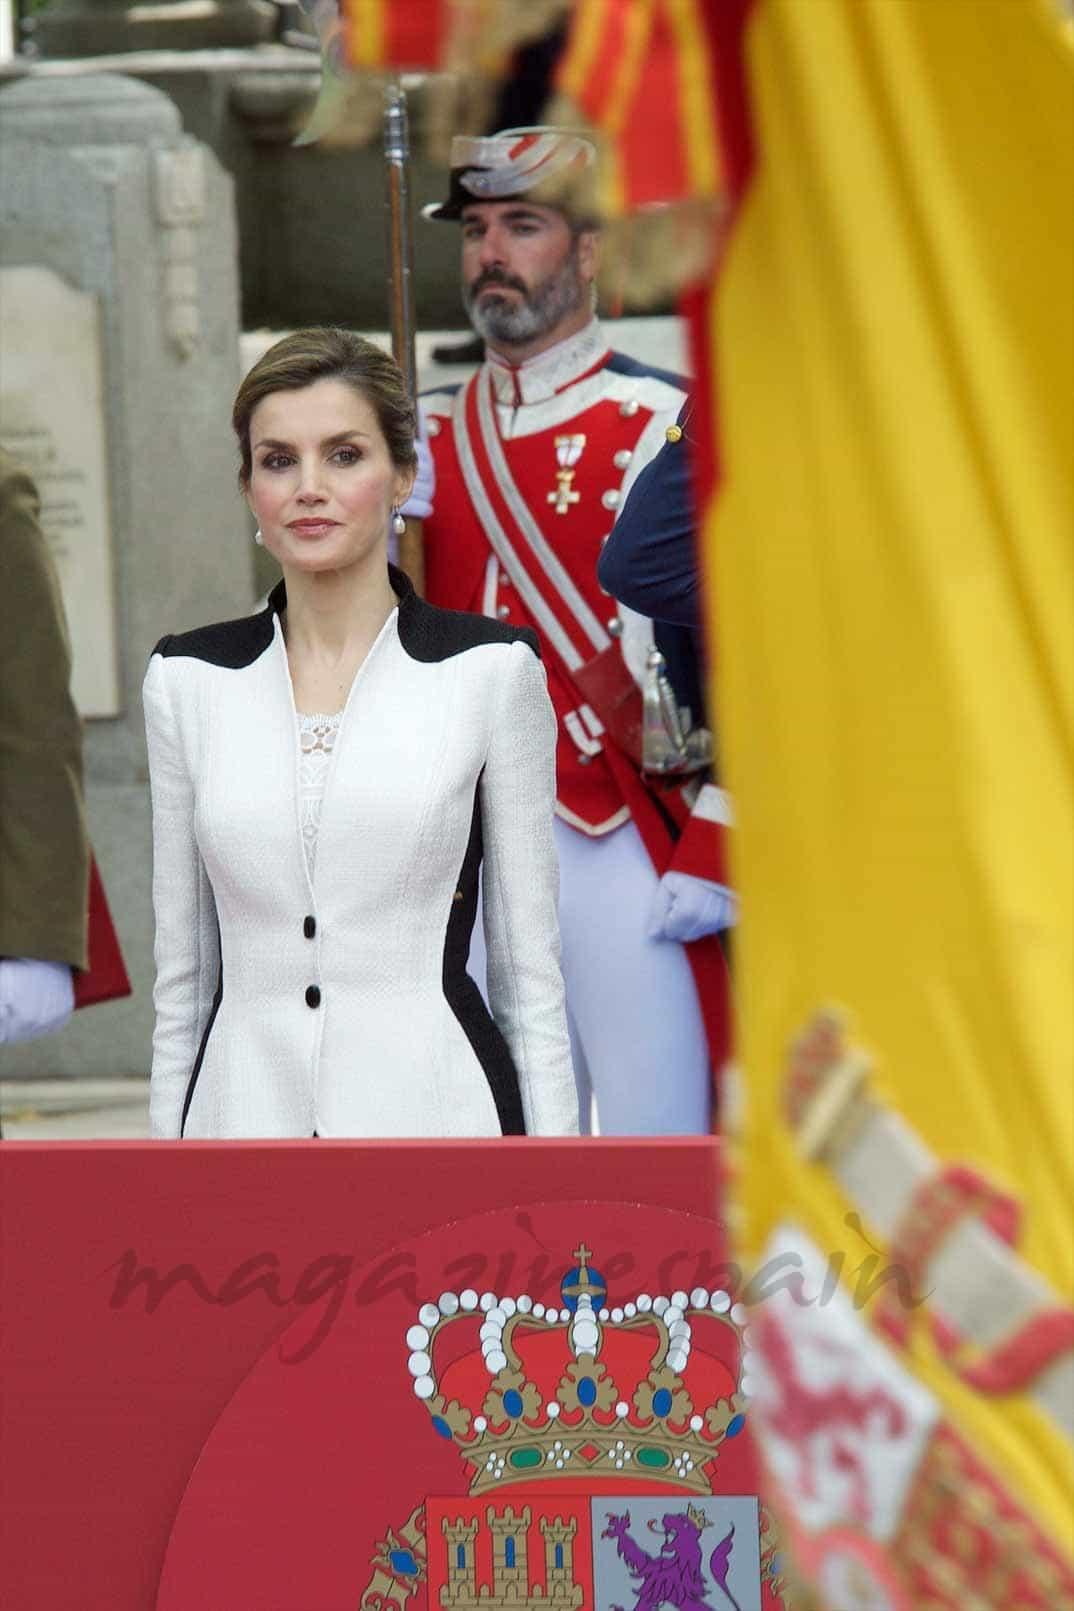 reina letizia elegancia en el dia de las fuerzas armadas